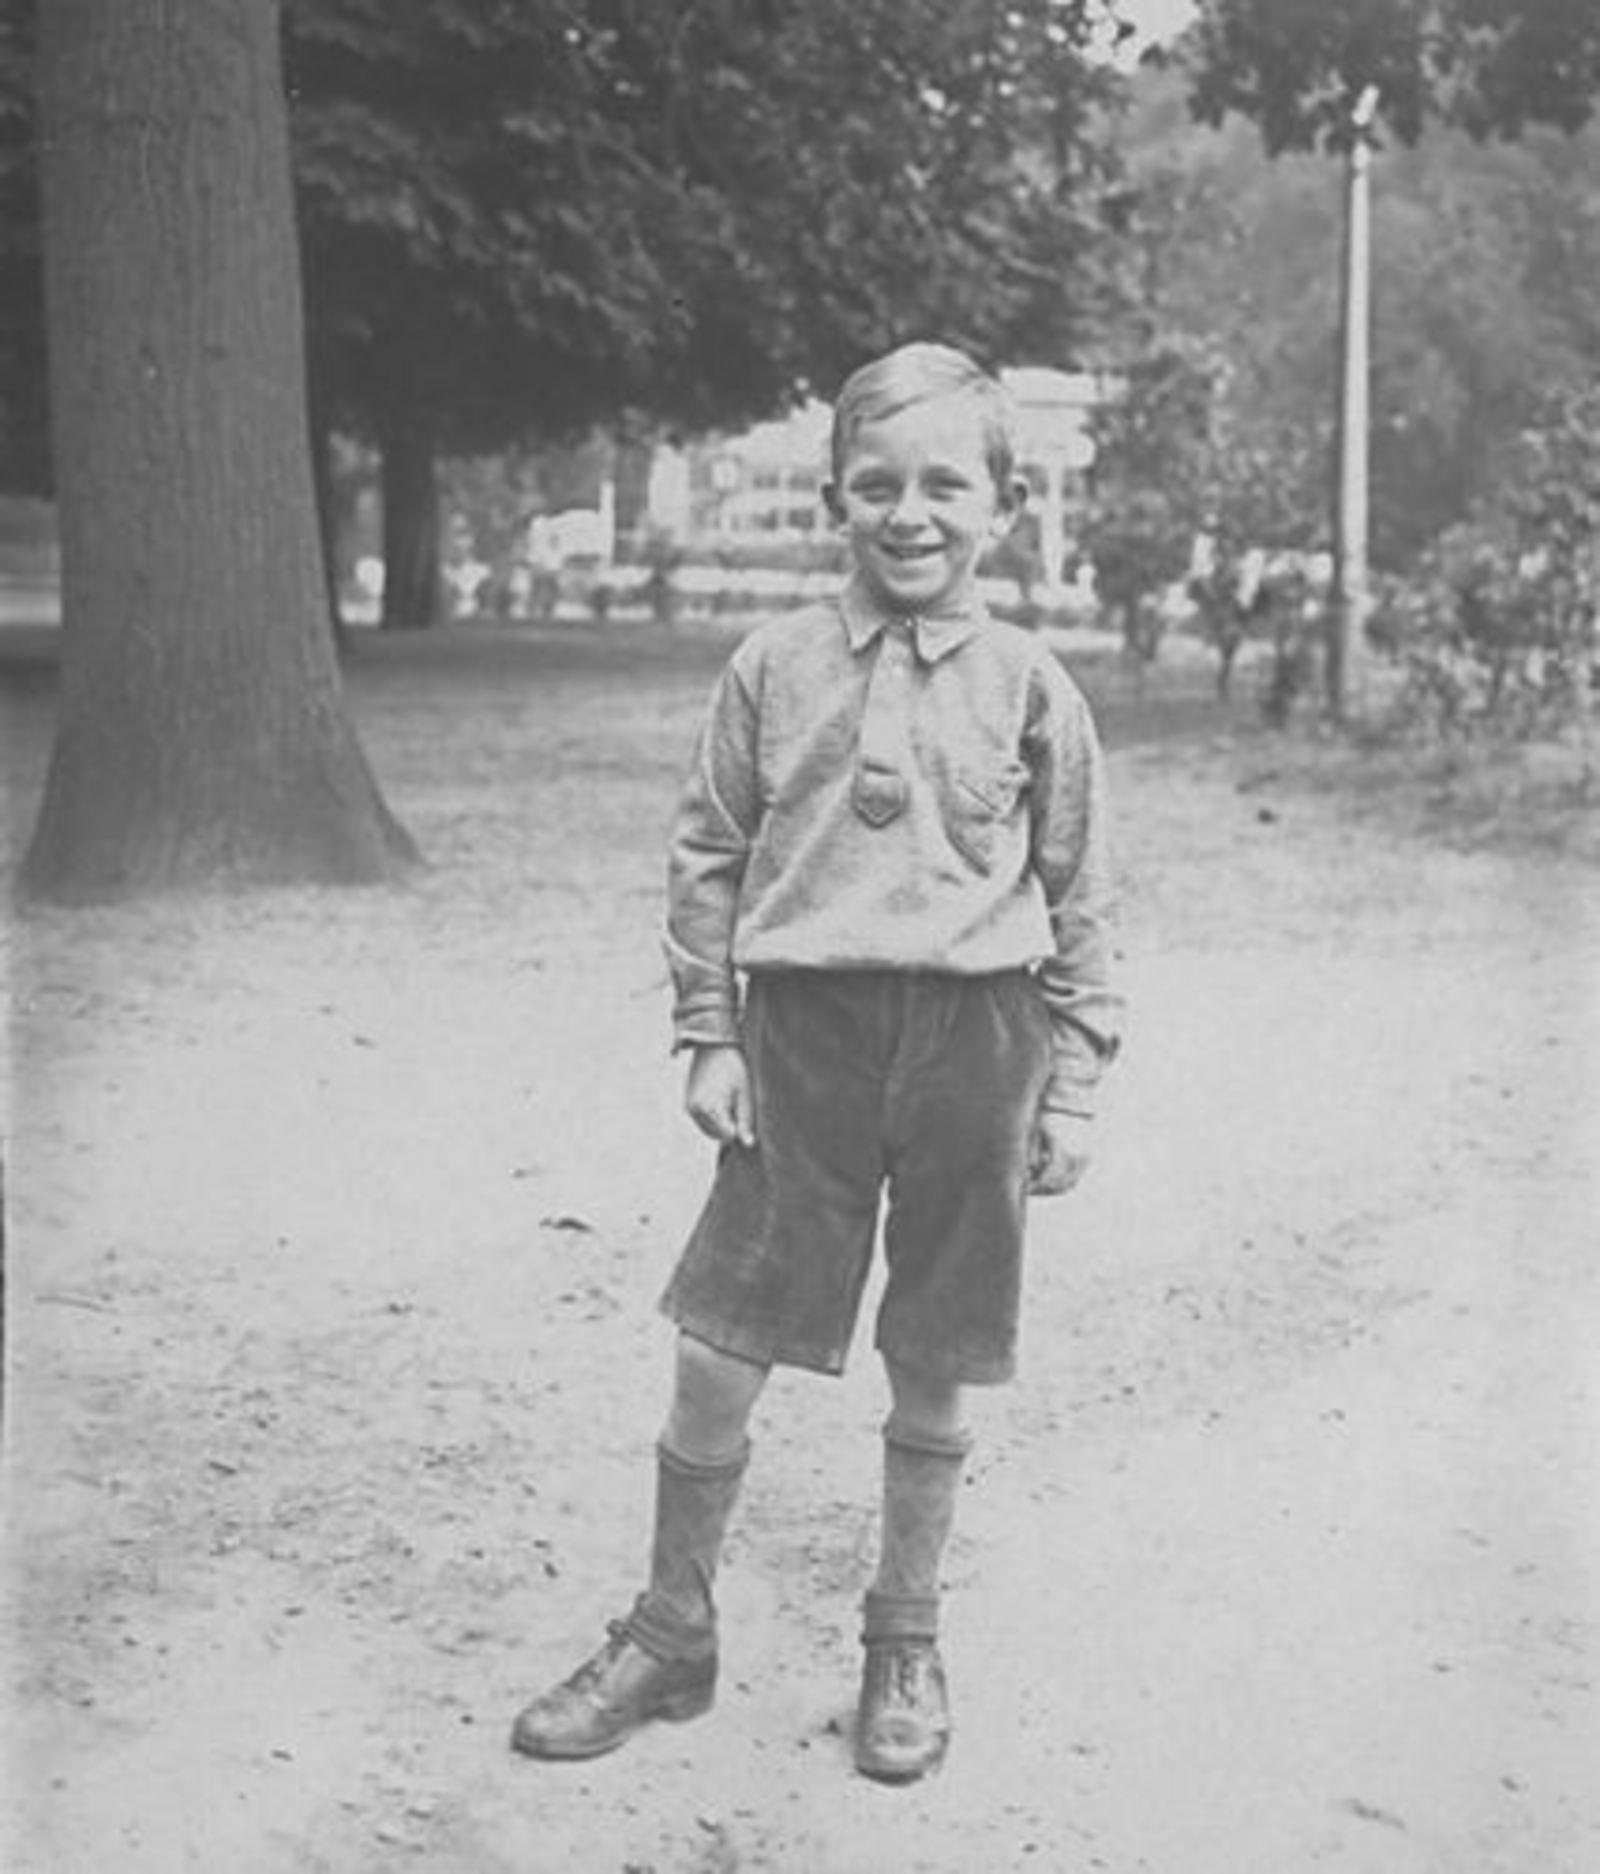 Robijn Joop 1932 193_ in Haarlemmer Hout